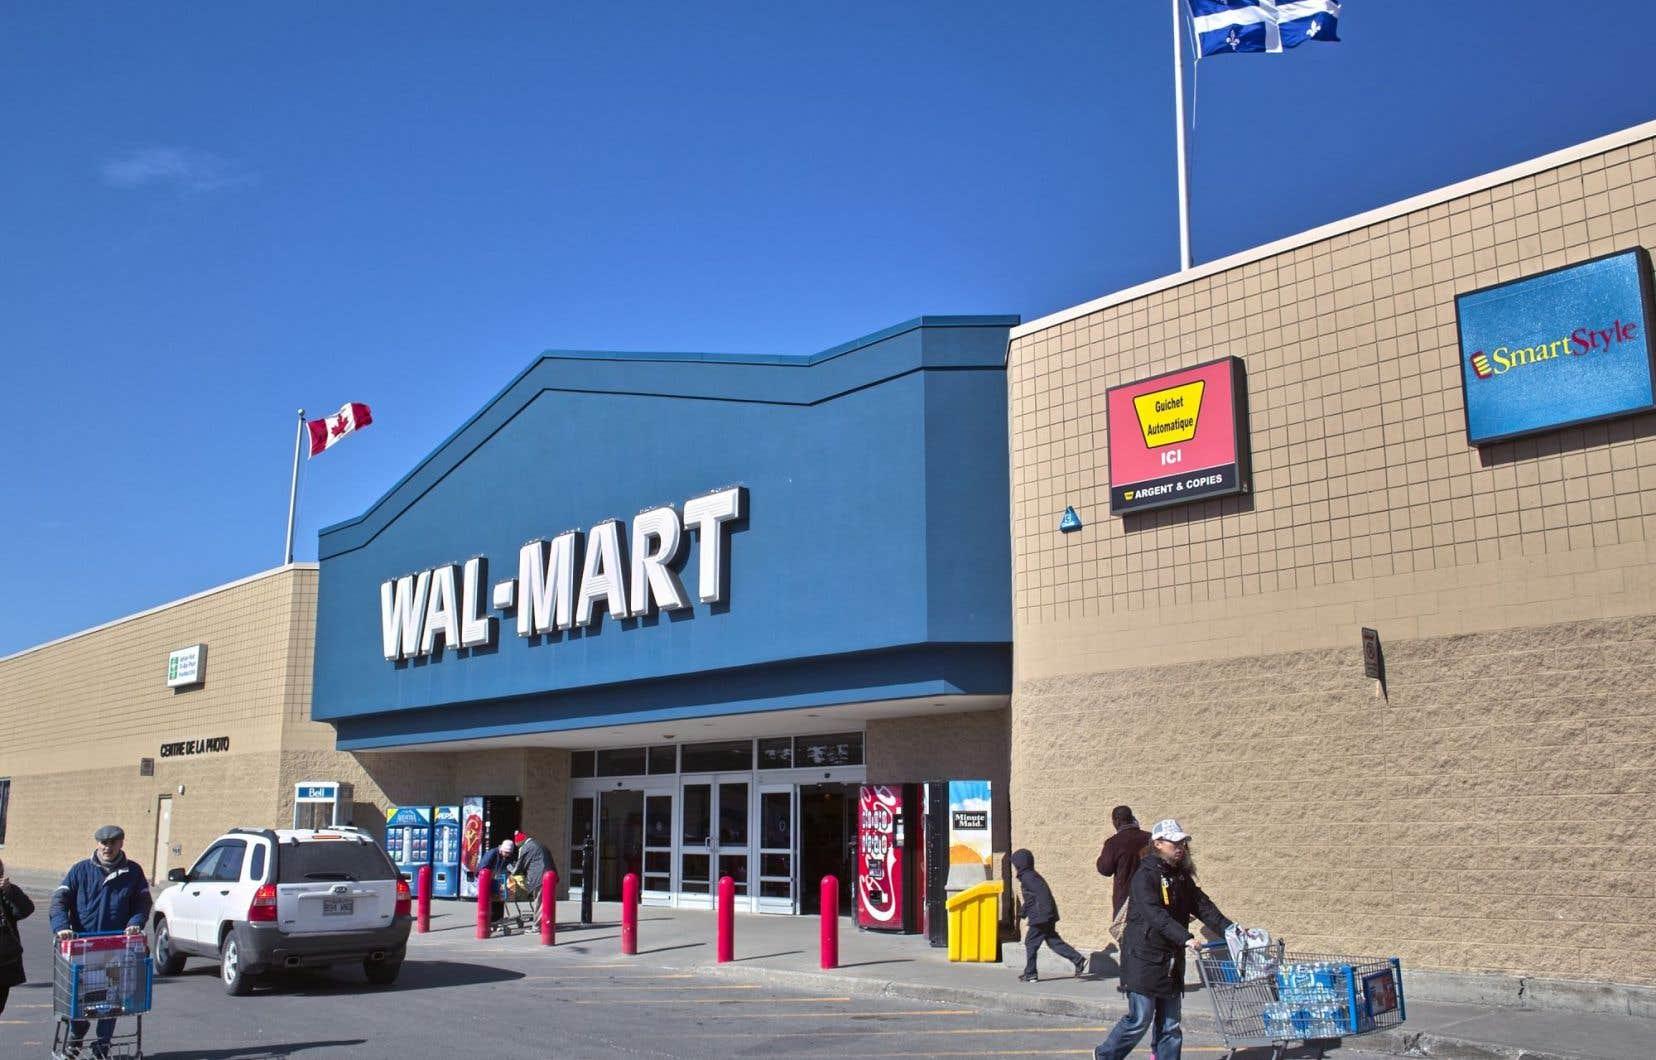 Dans sa lettre ouverte, Visa s'est défendue en faisant valoir qu'elle avait proposé à Walmart un des taux les plus faibles parmi ceux offerts aux marchands du Canada.